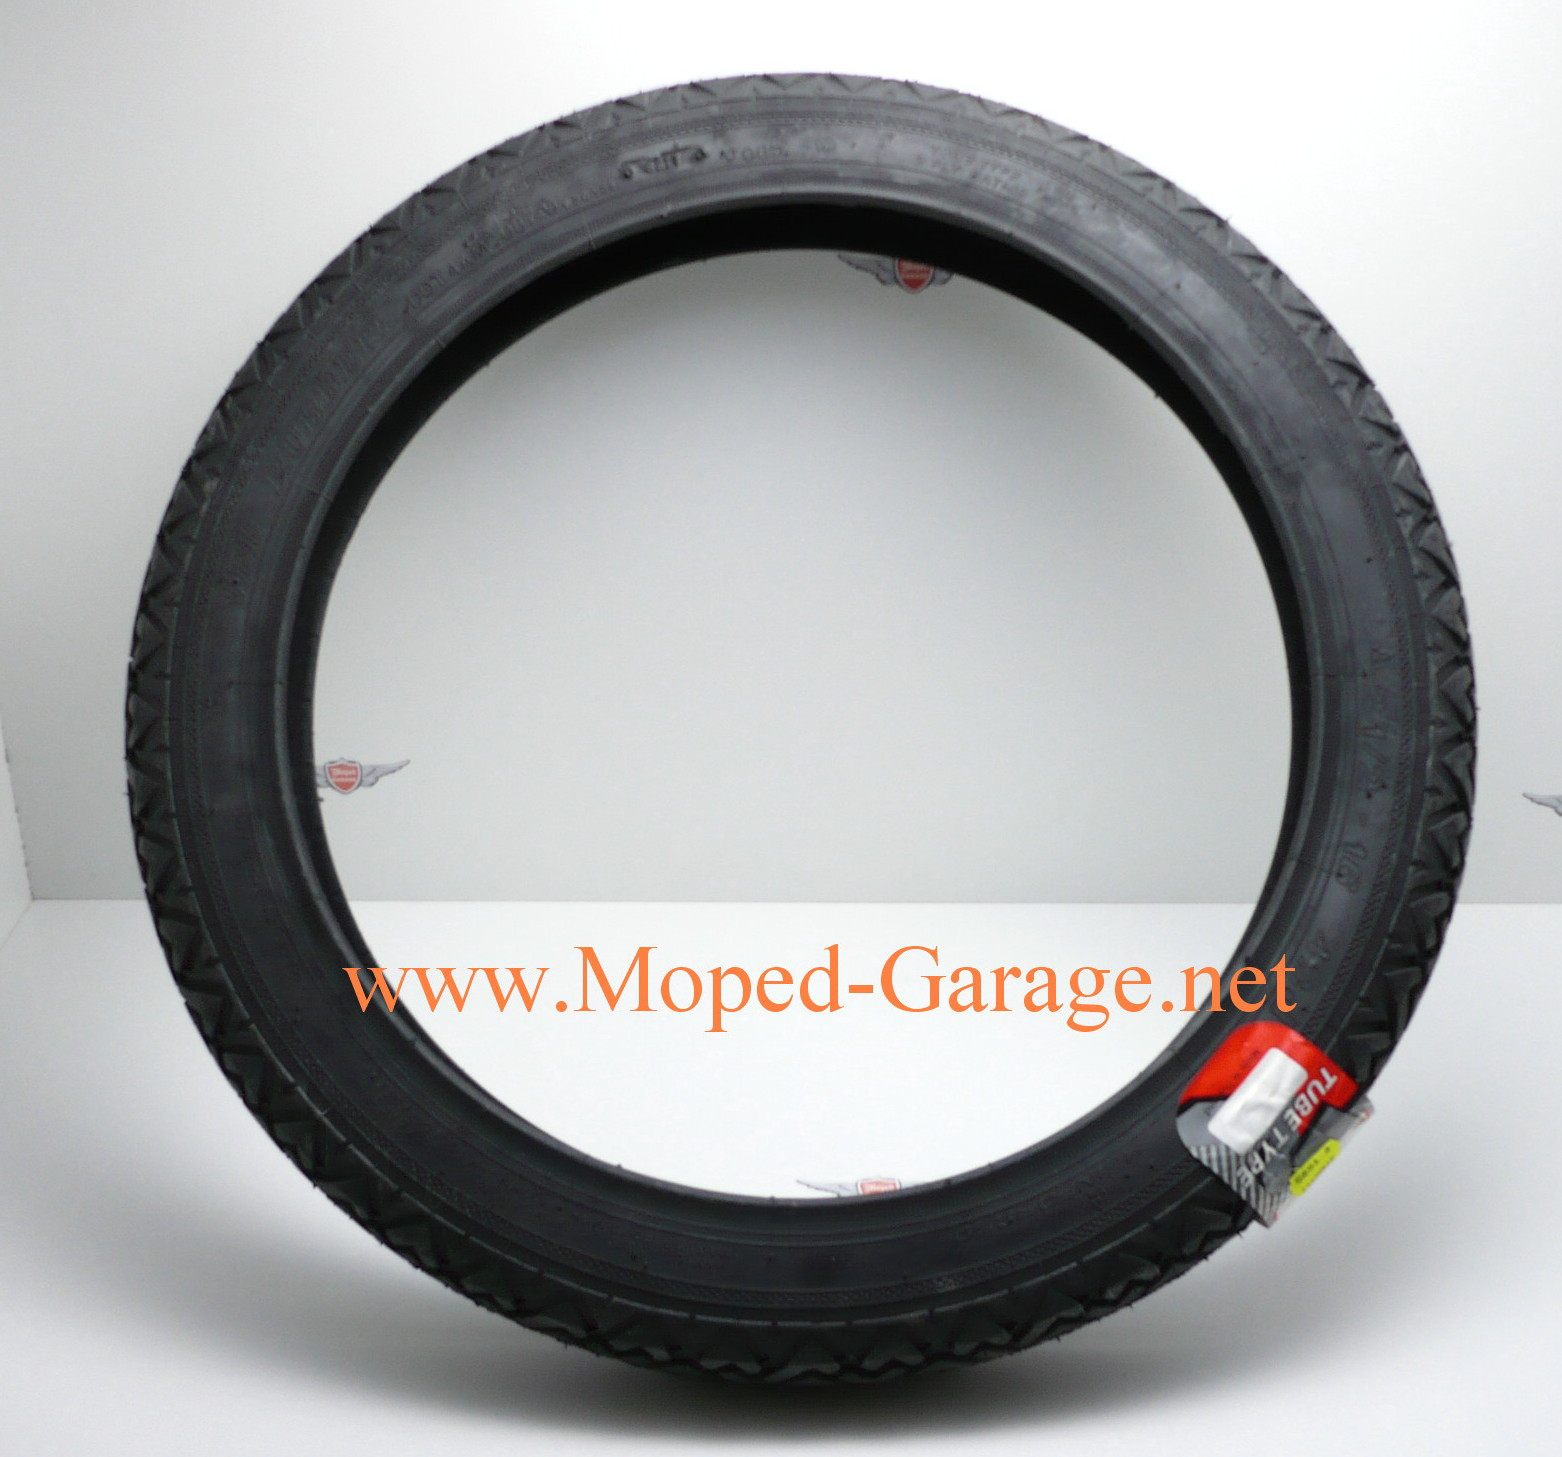 Zündapp KS GTS C CS  Moped Mokick KKR Weisswand Reifen 2,75 x 17 Zoll IRC Neu